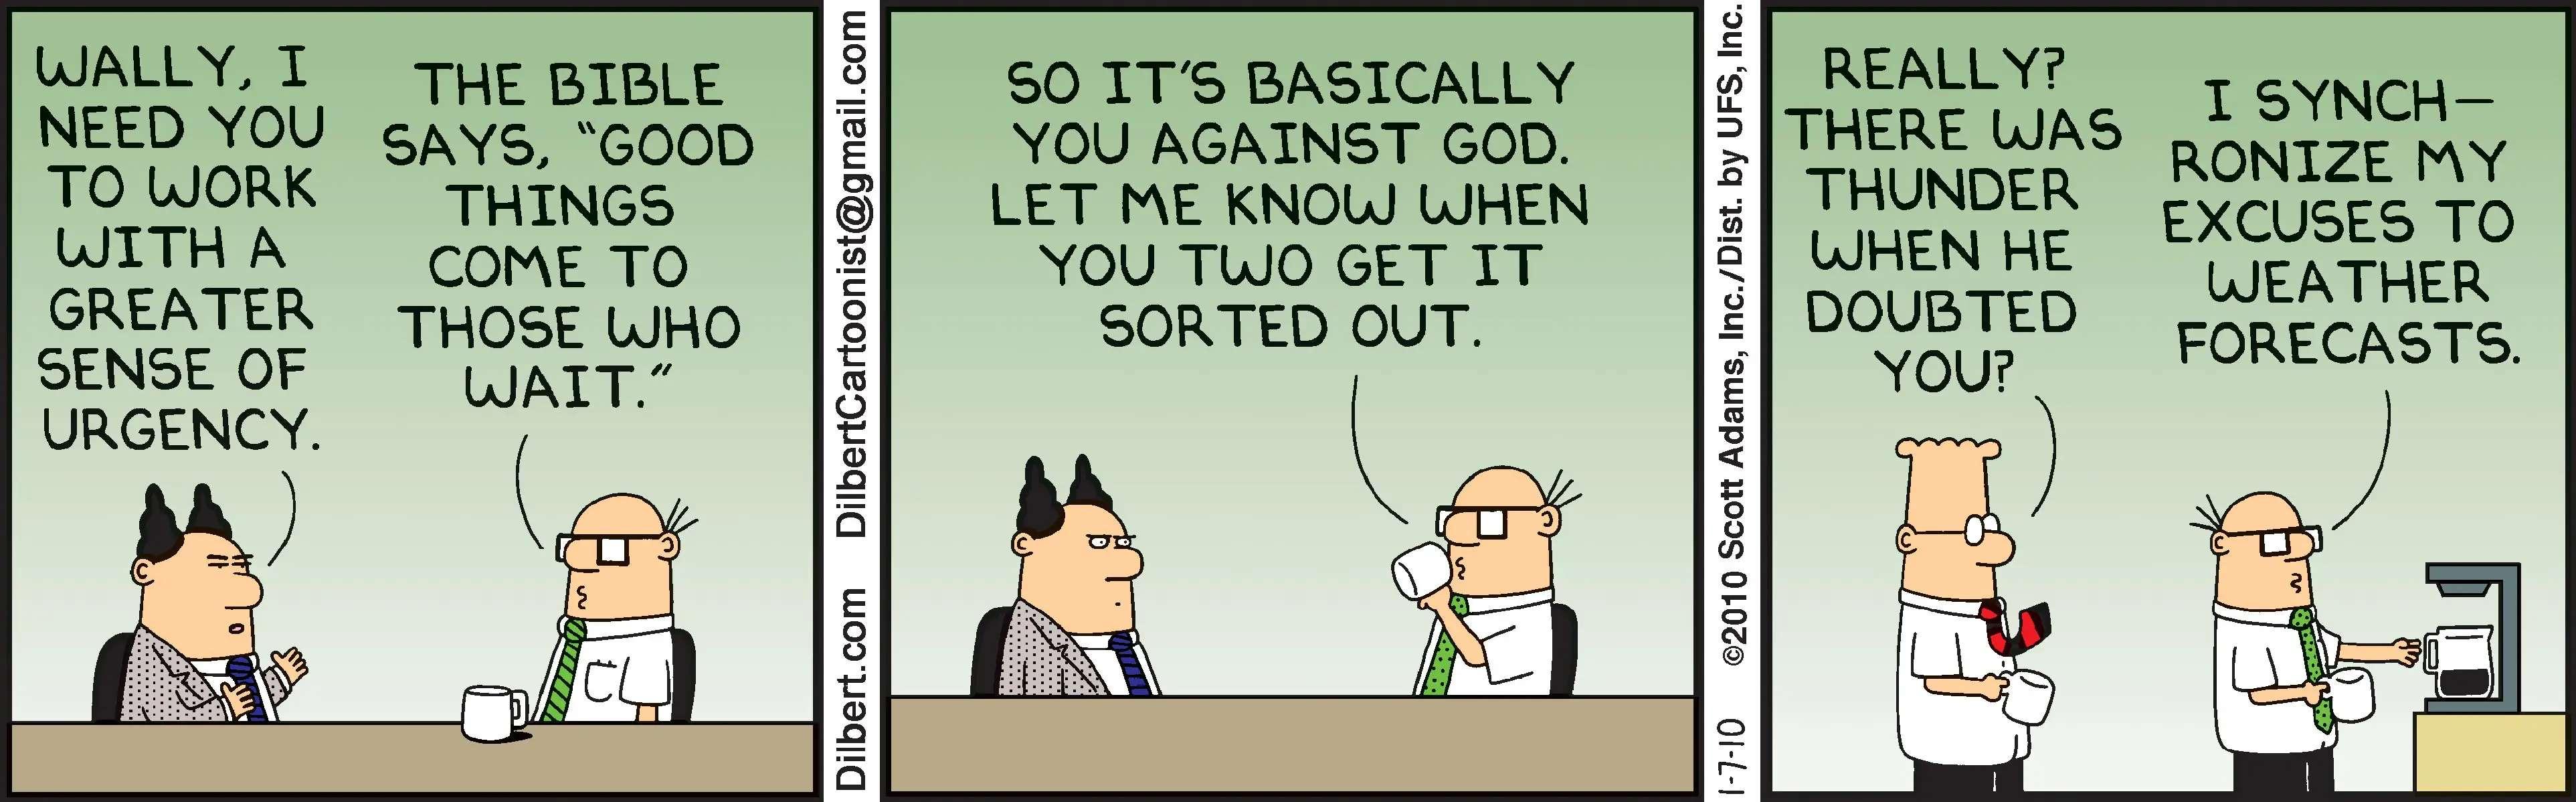 You against God